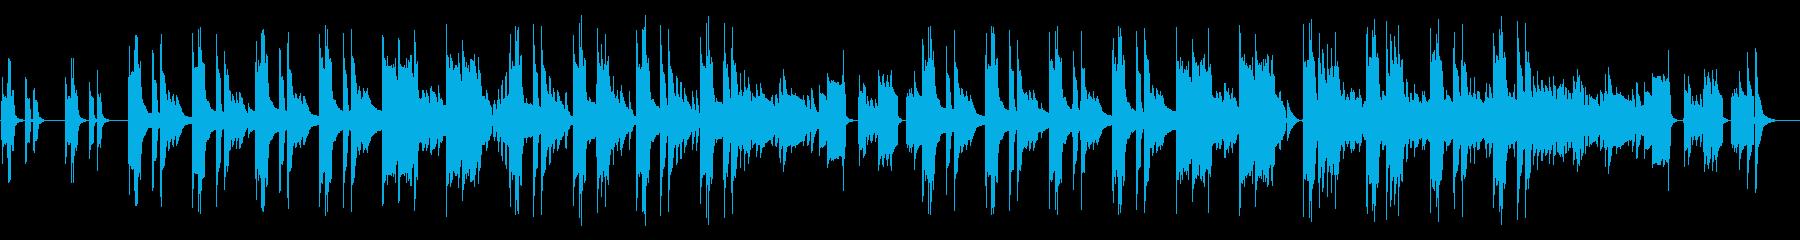 リコーダー、ほのぼの日常会話/ドラム抜きの再生済みの波形